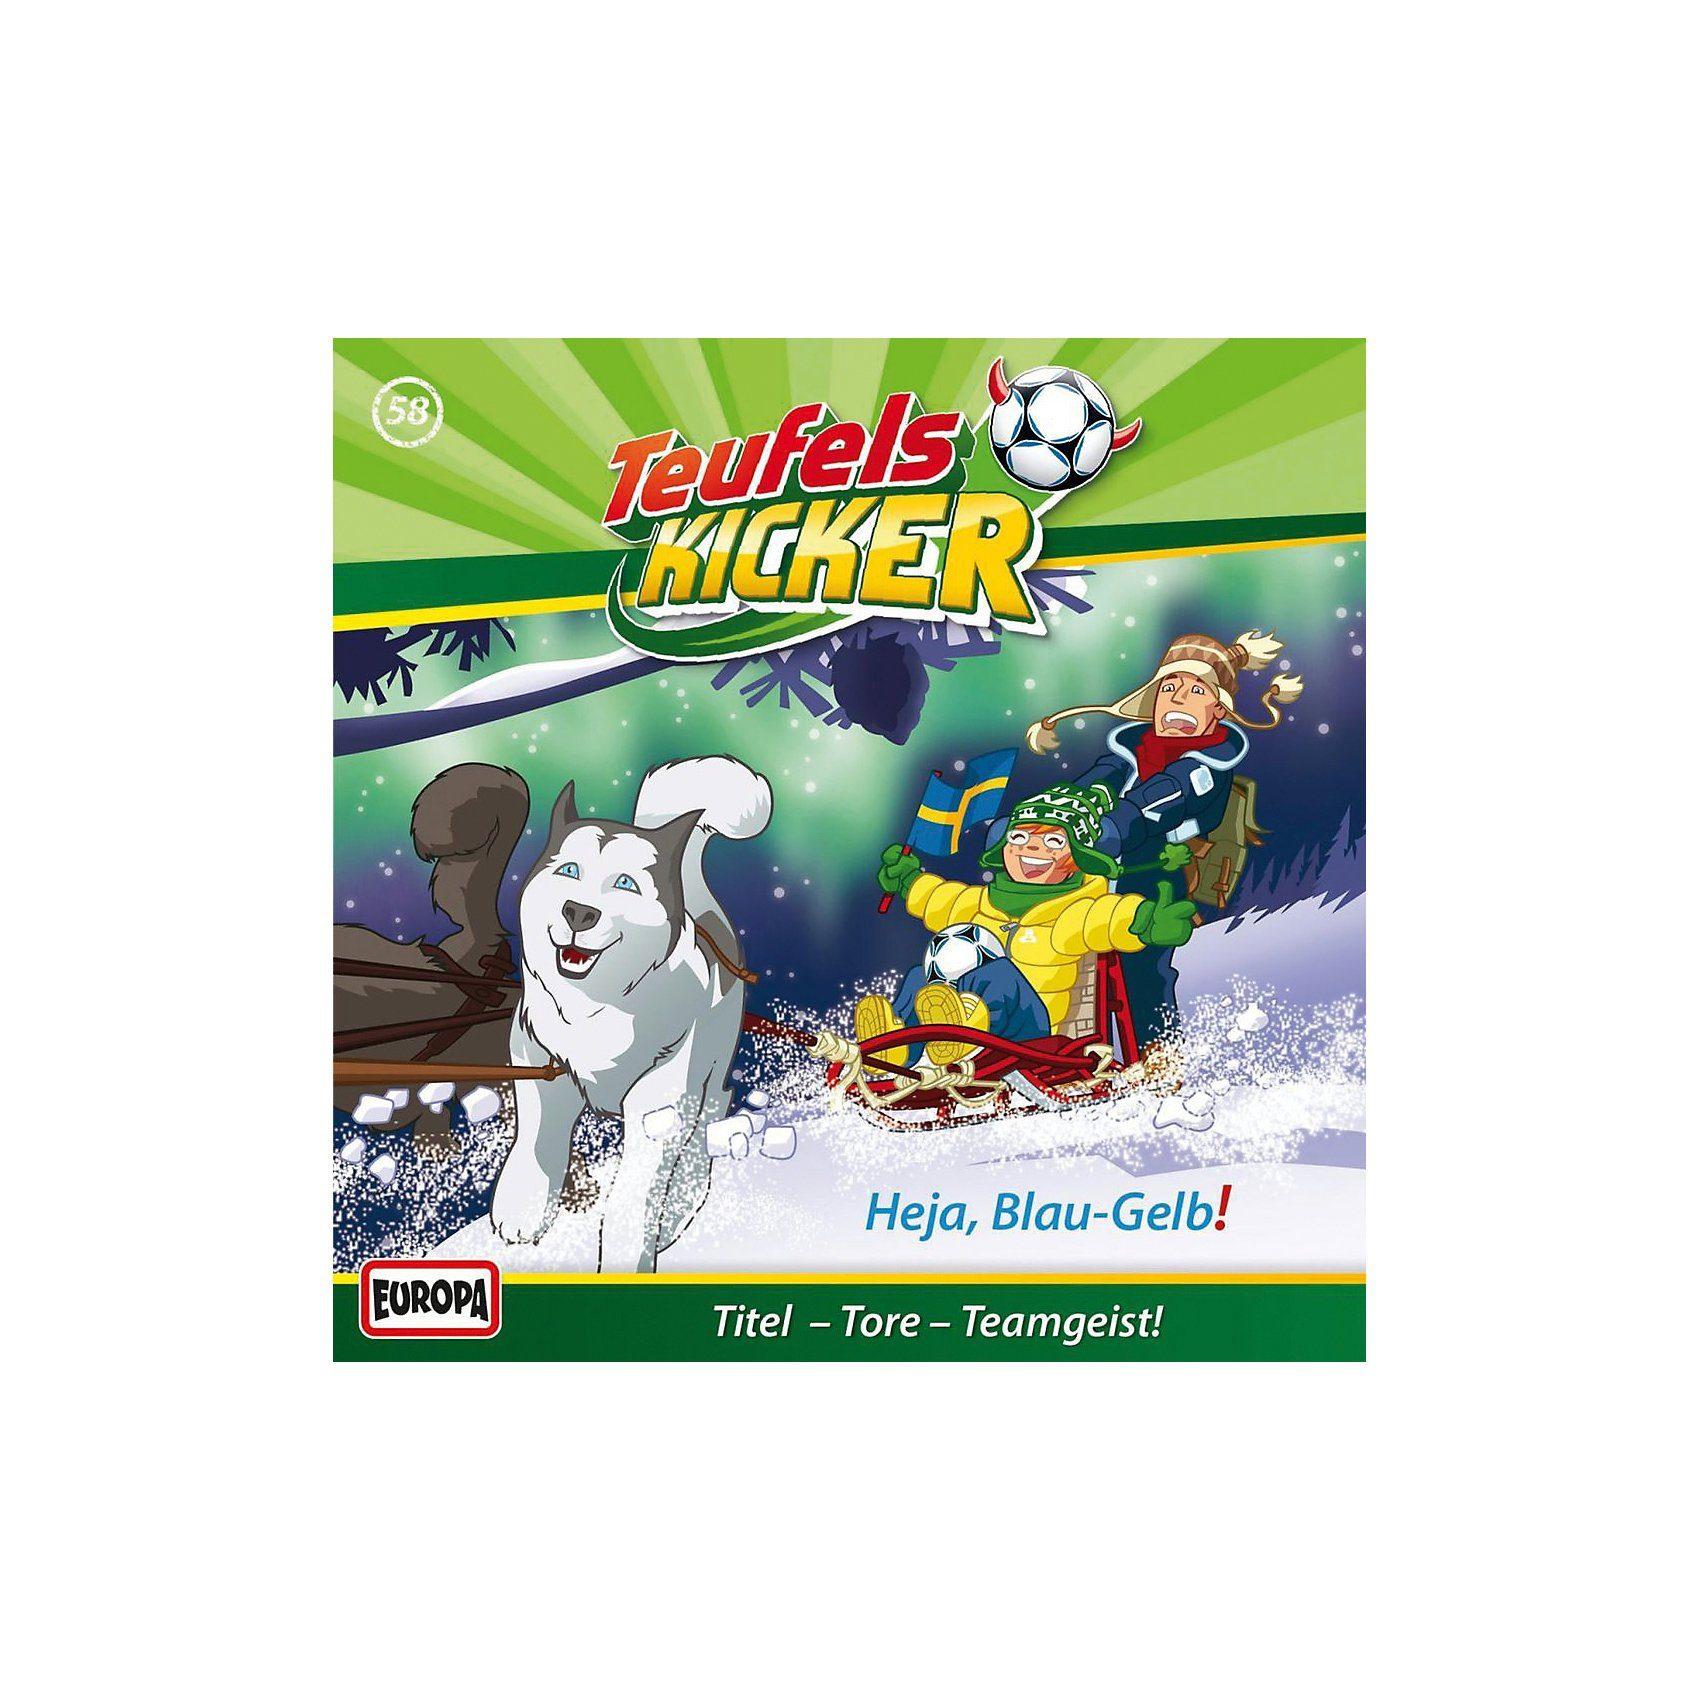 Sony CD Teufelskicker 58 - Heja Blau-Gelb!